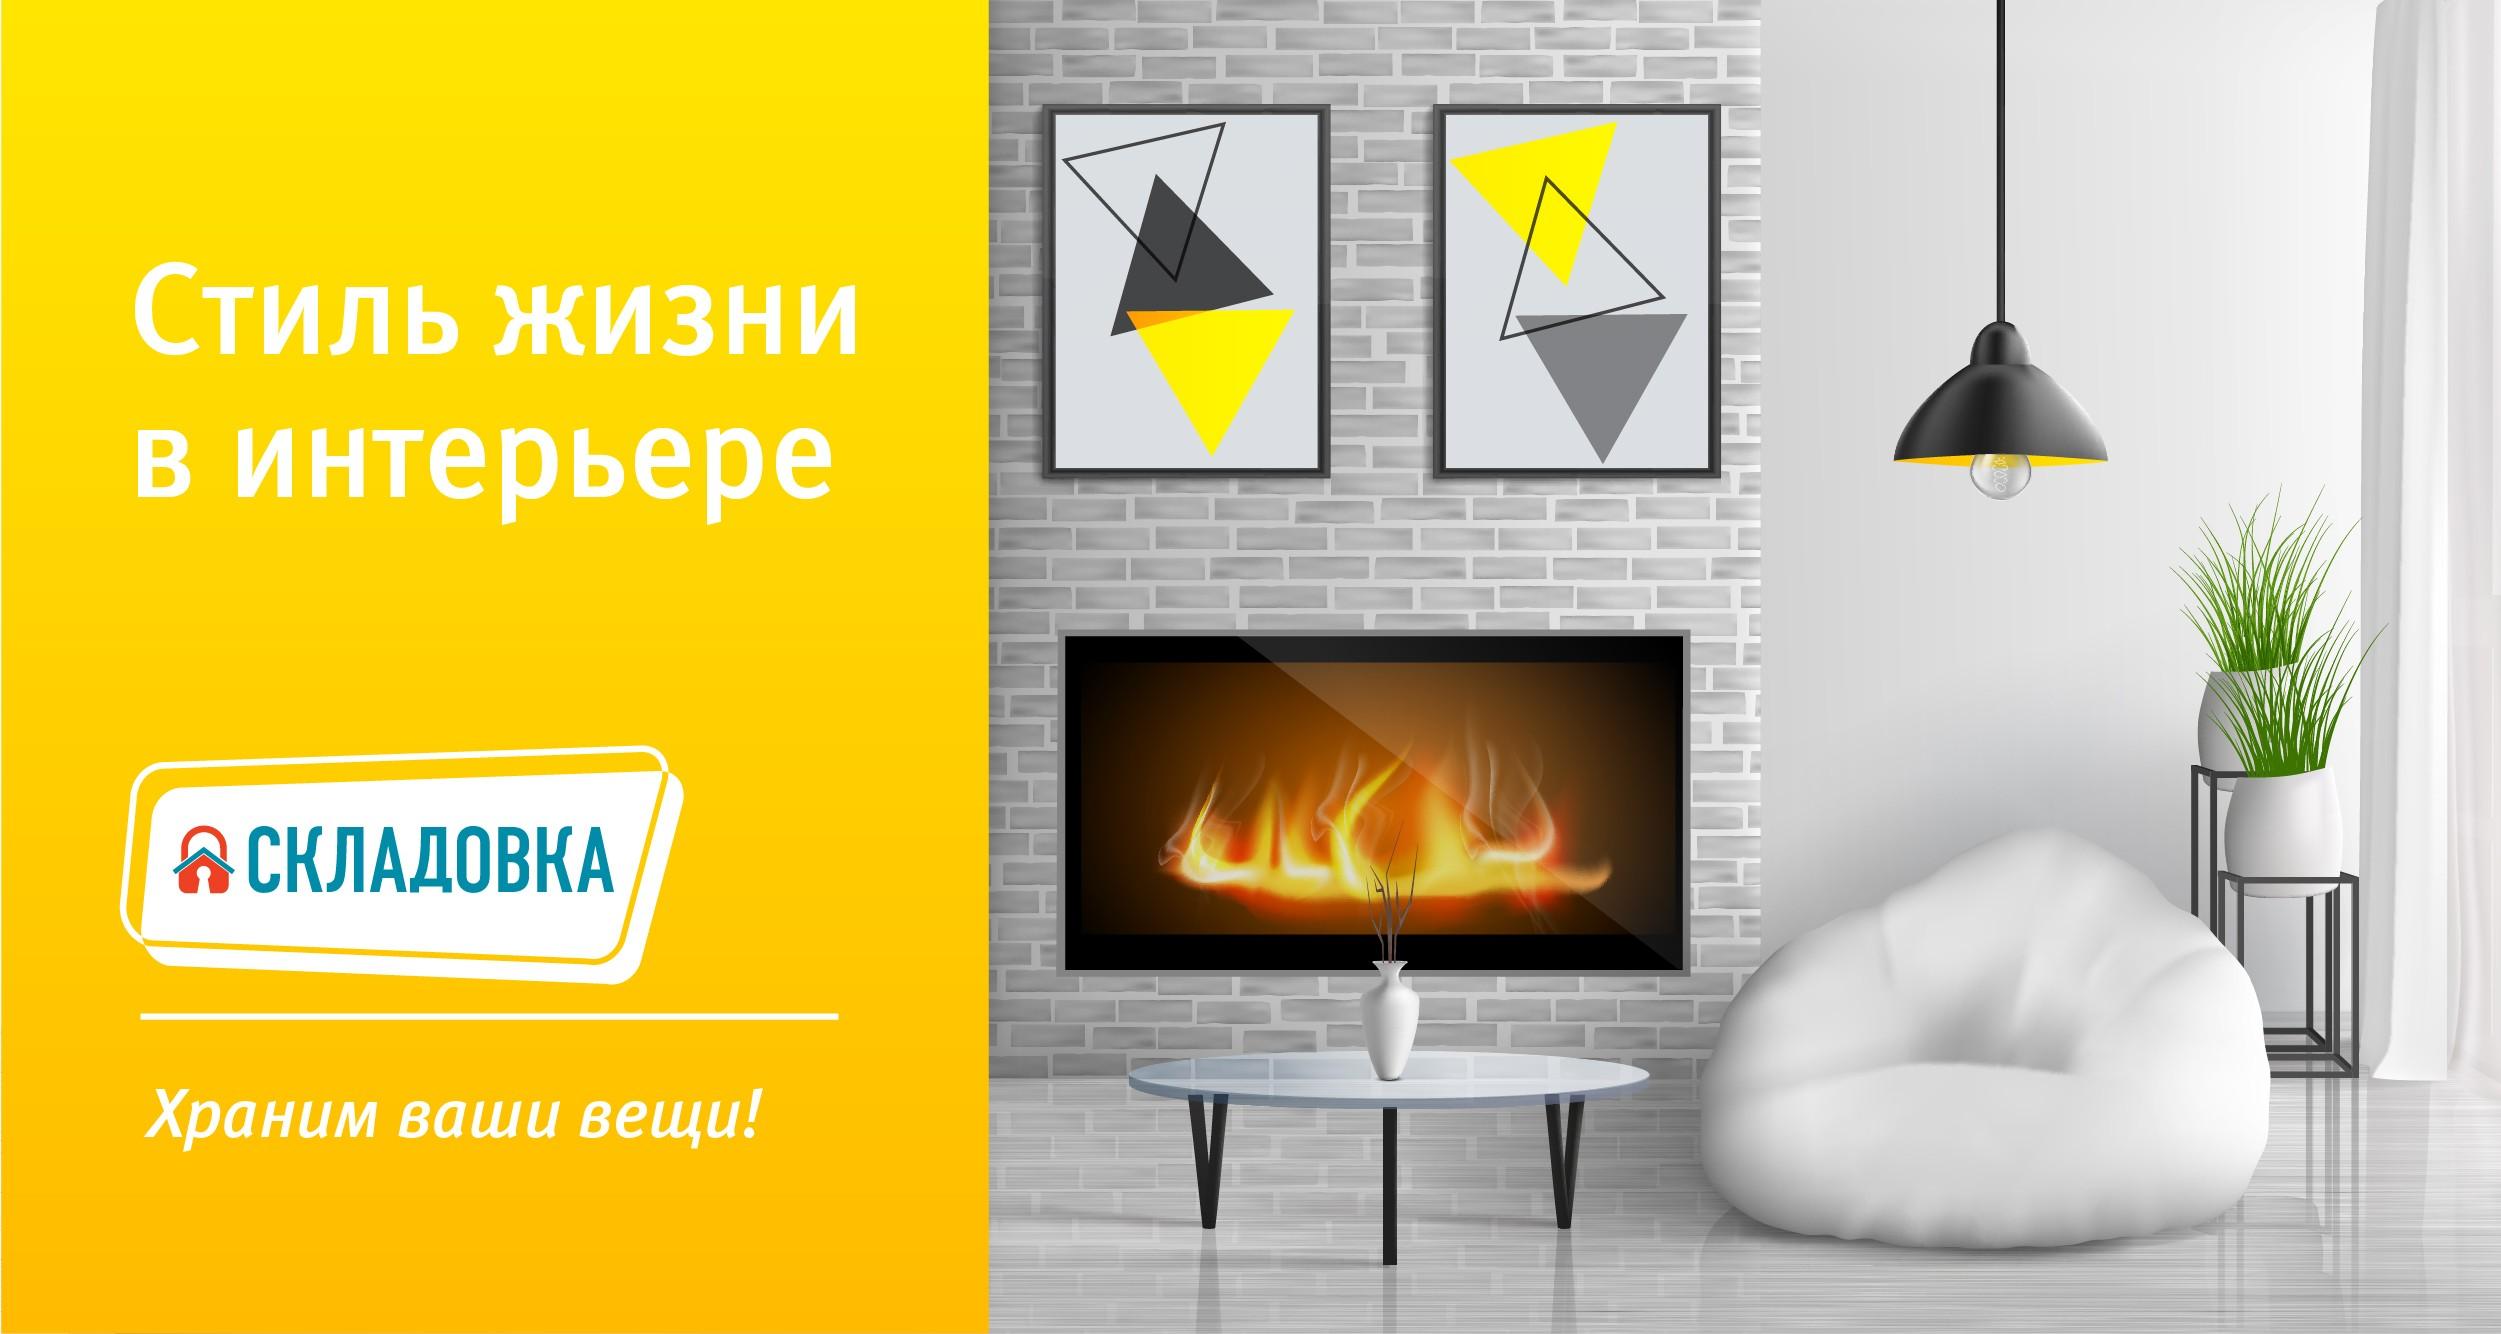 https://www.skladovka.ru/blog/sovety-dlya-khraneniya/stil-zhizni/114-stil-zhizni-v-interere/